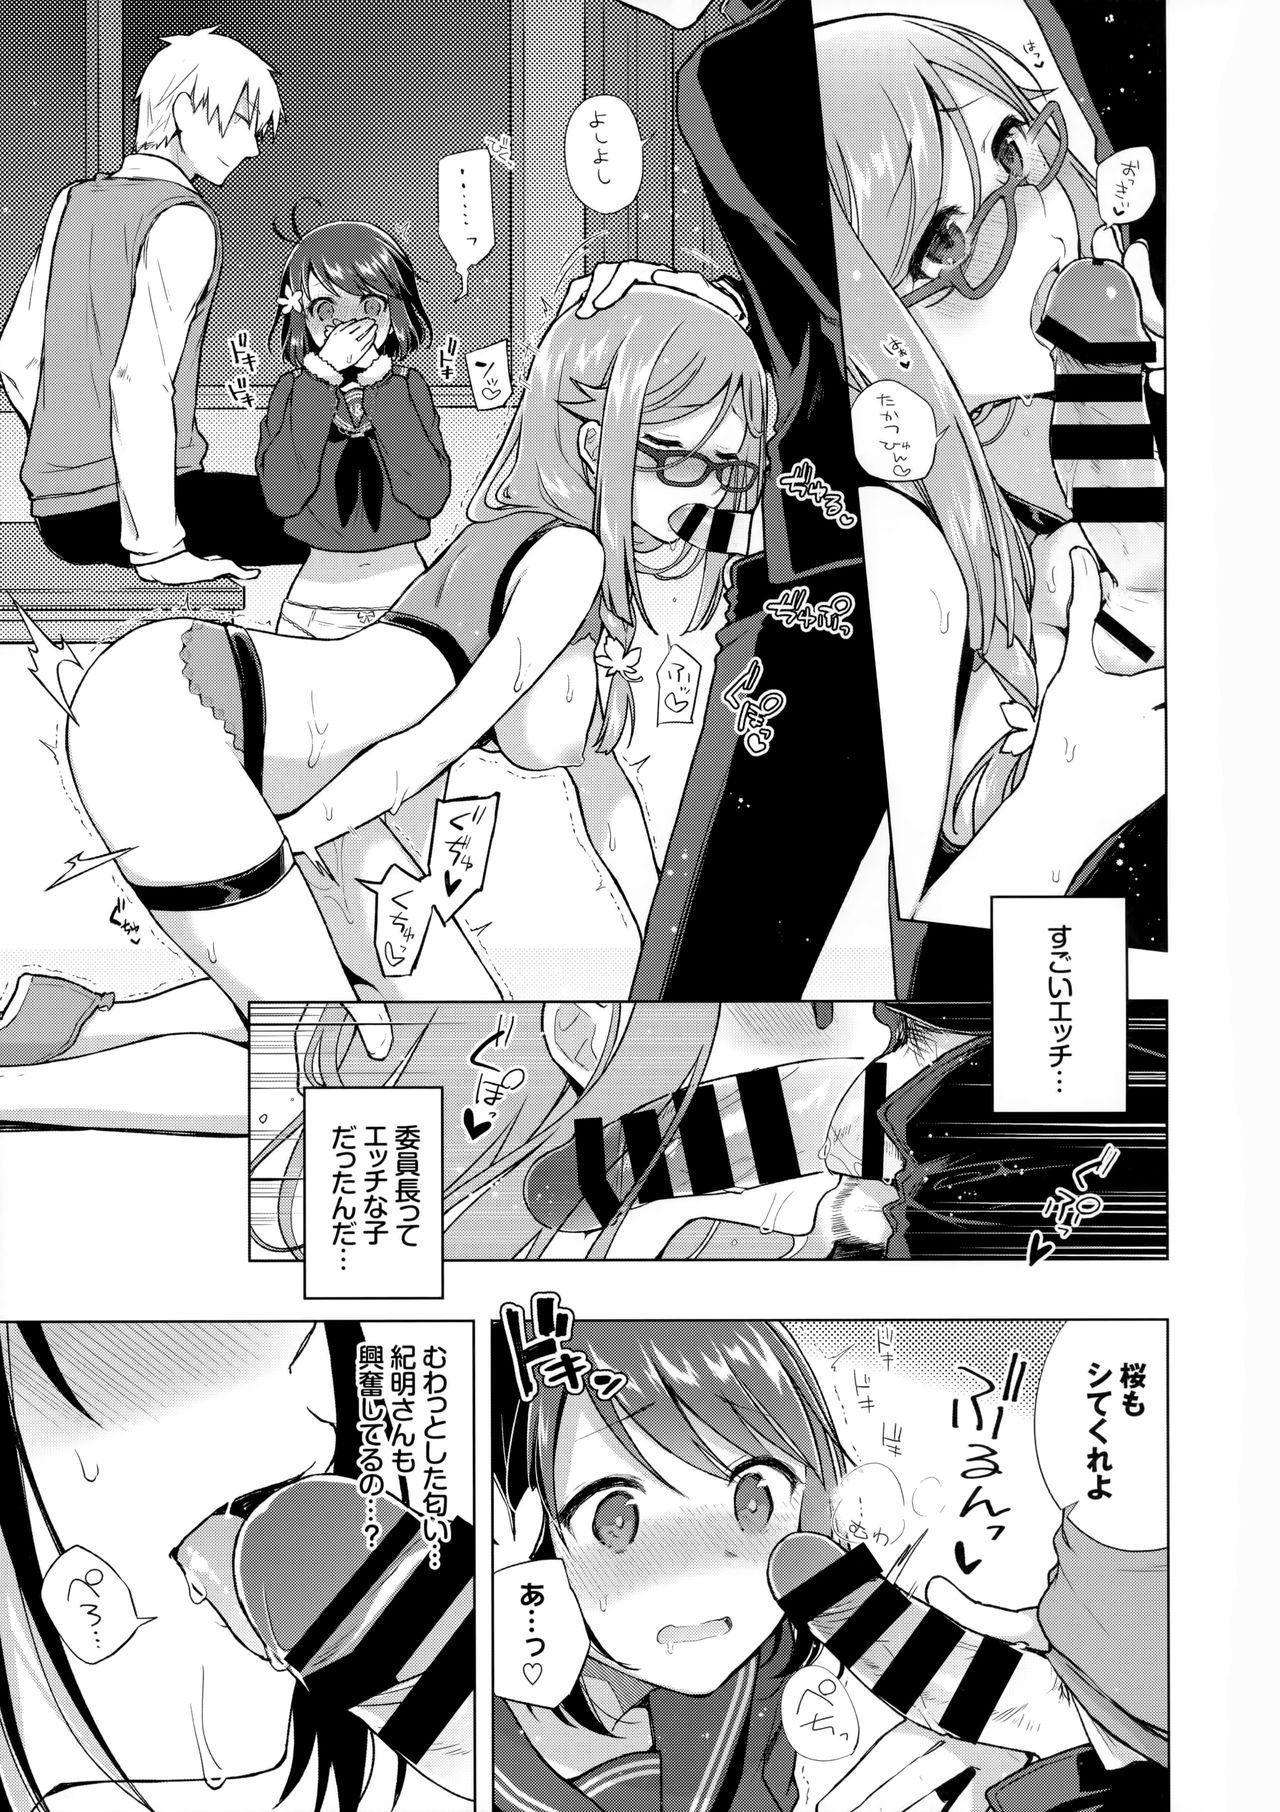 JK Yome Sakura no Inokori Jugyou 13